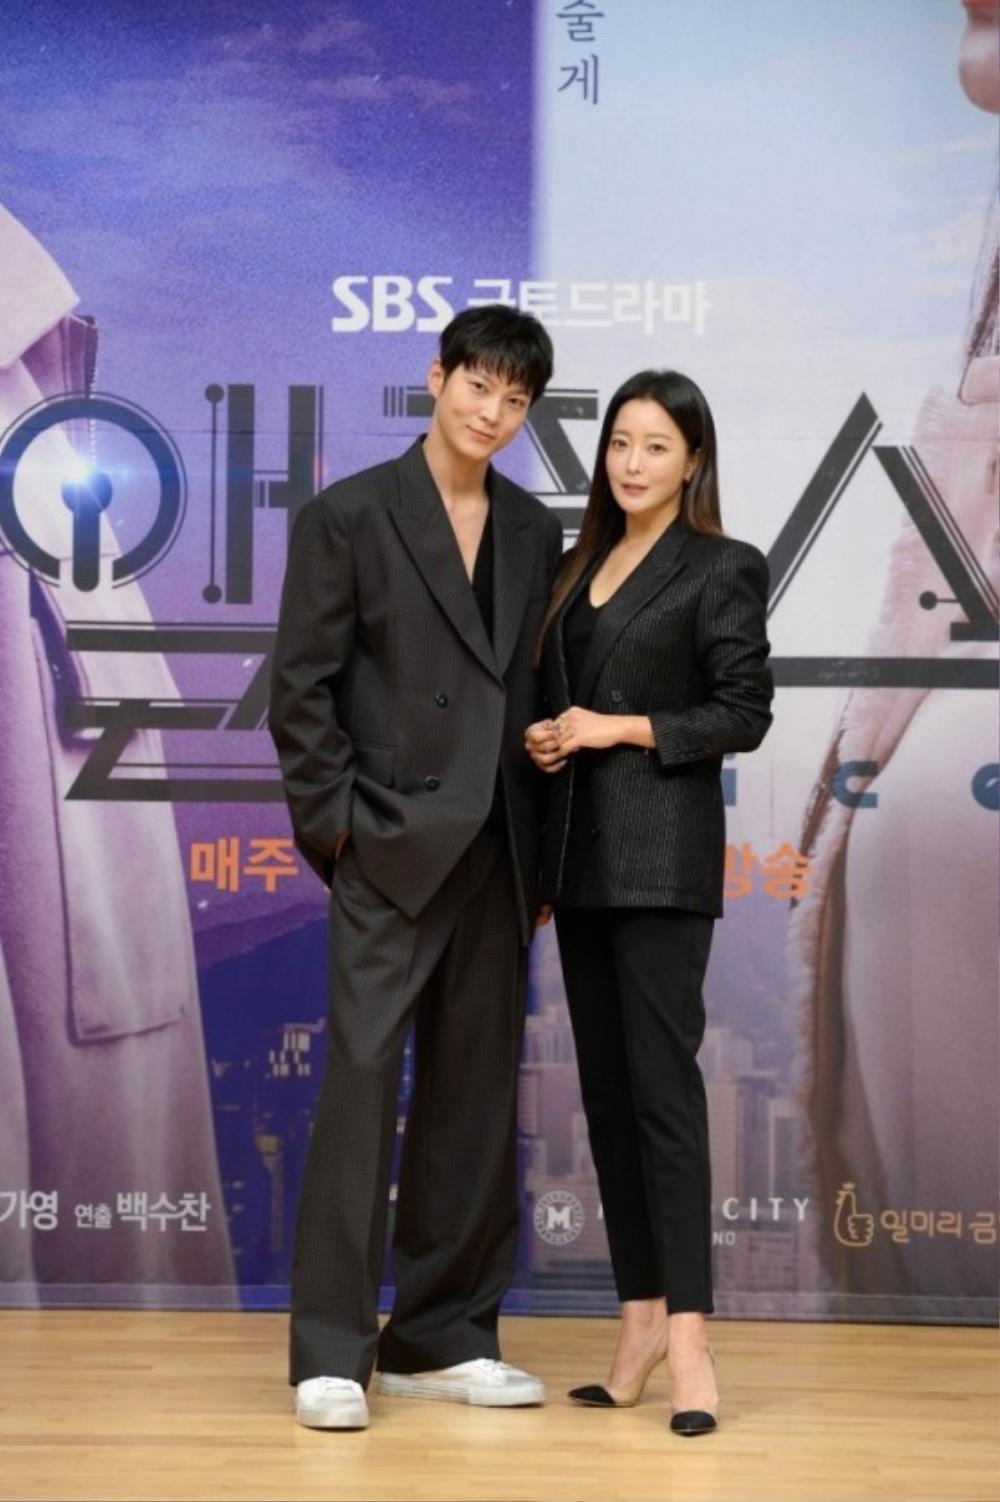 Họp báo phim mùa Covid-19, Kim Hee Sun hài hước 'tám chuyện' với Joo Won qua lăng kính nhiệm màu Ảnh 4